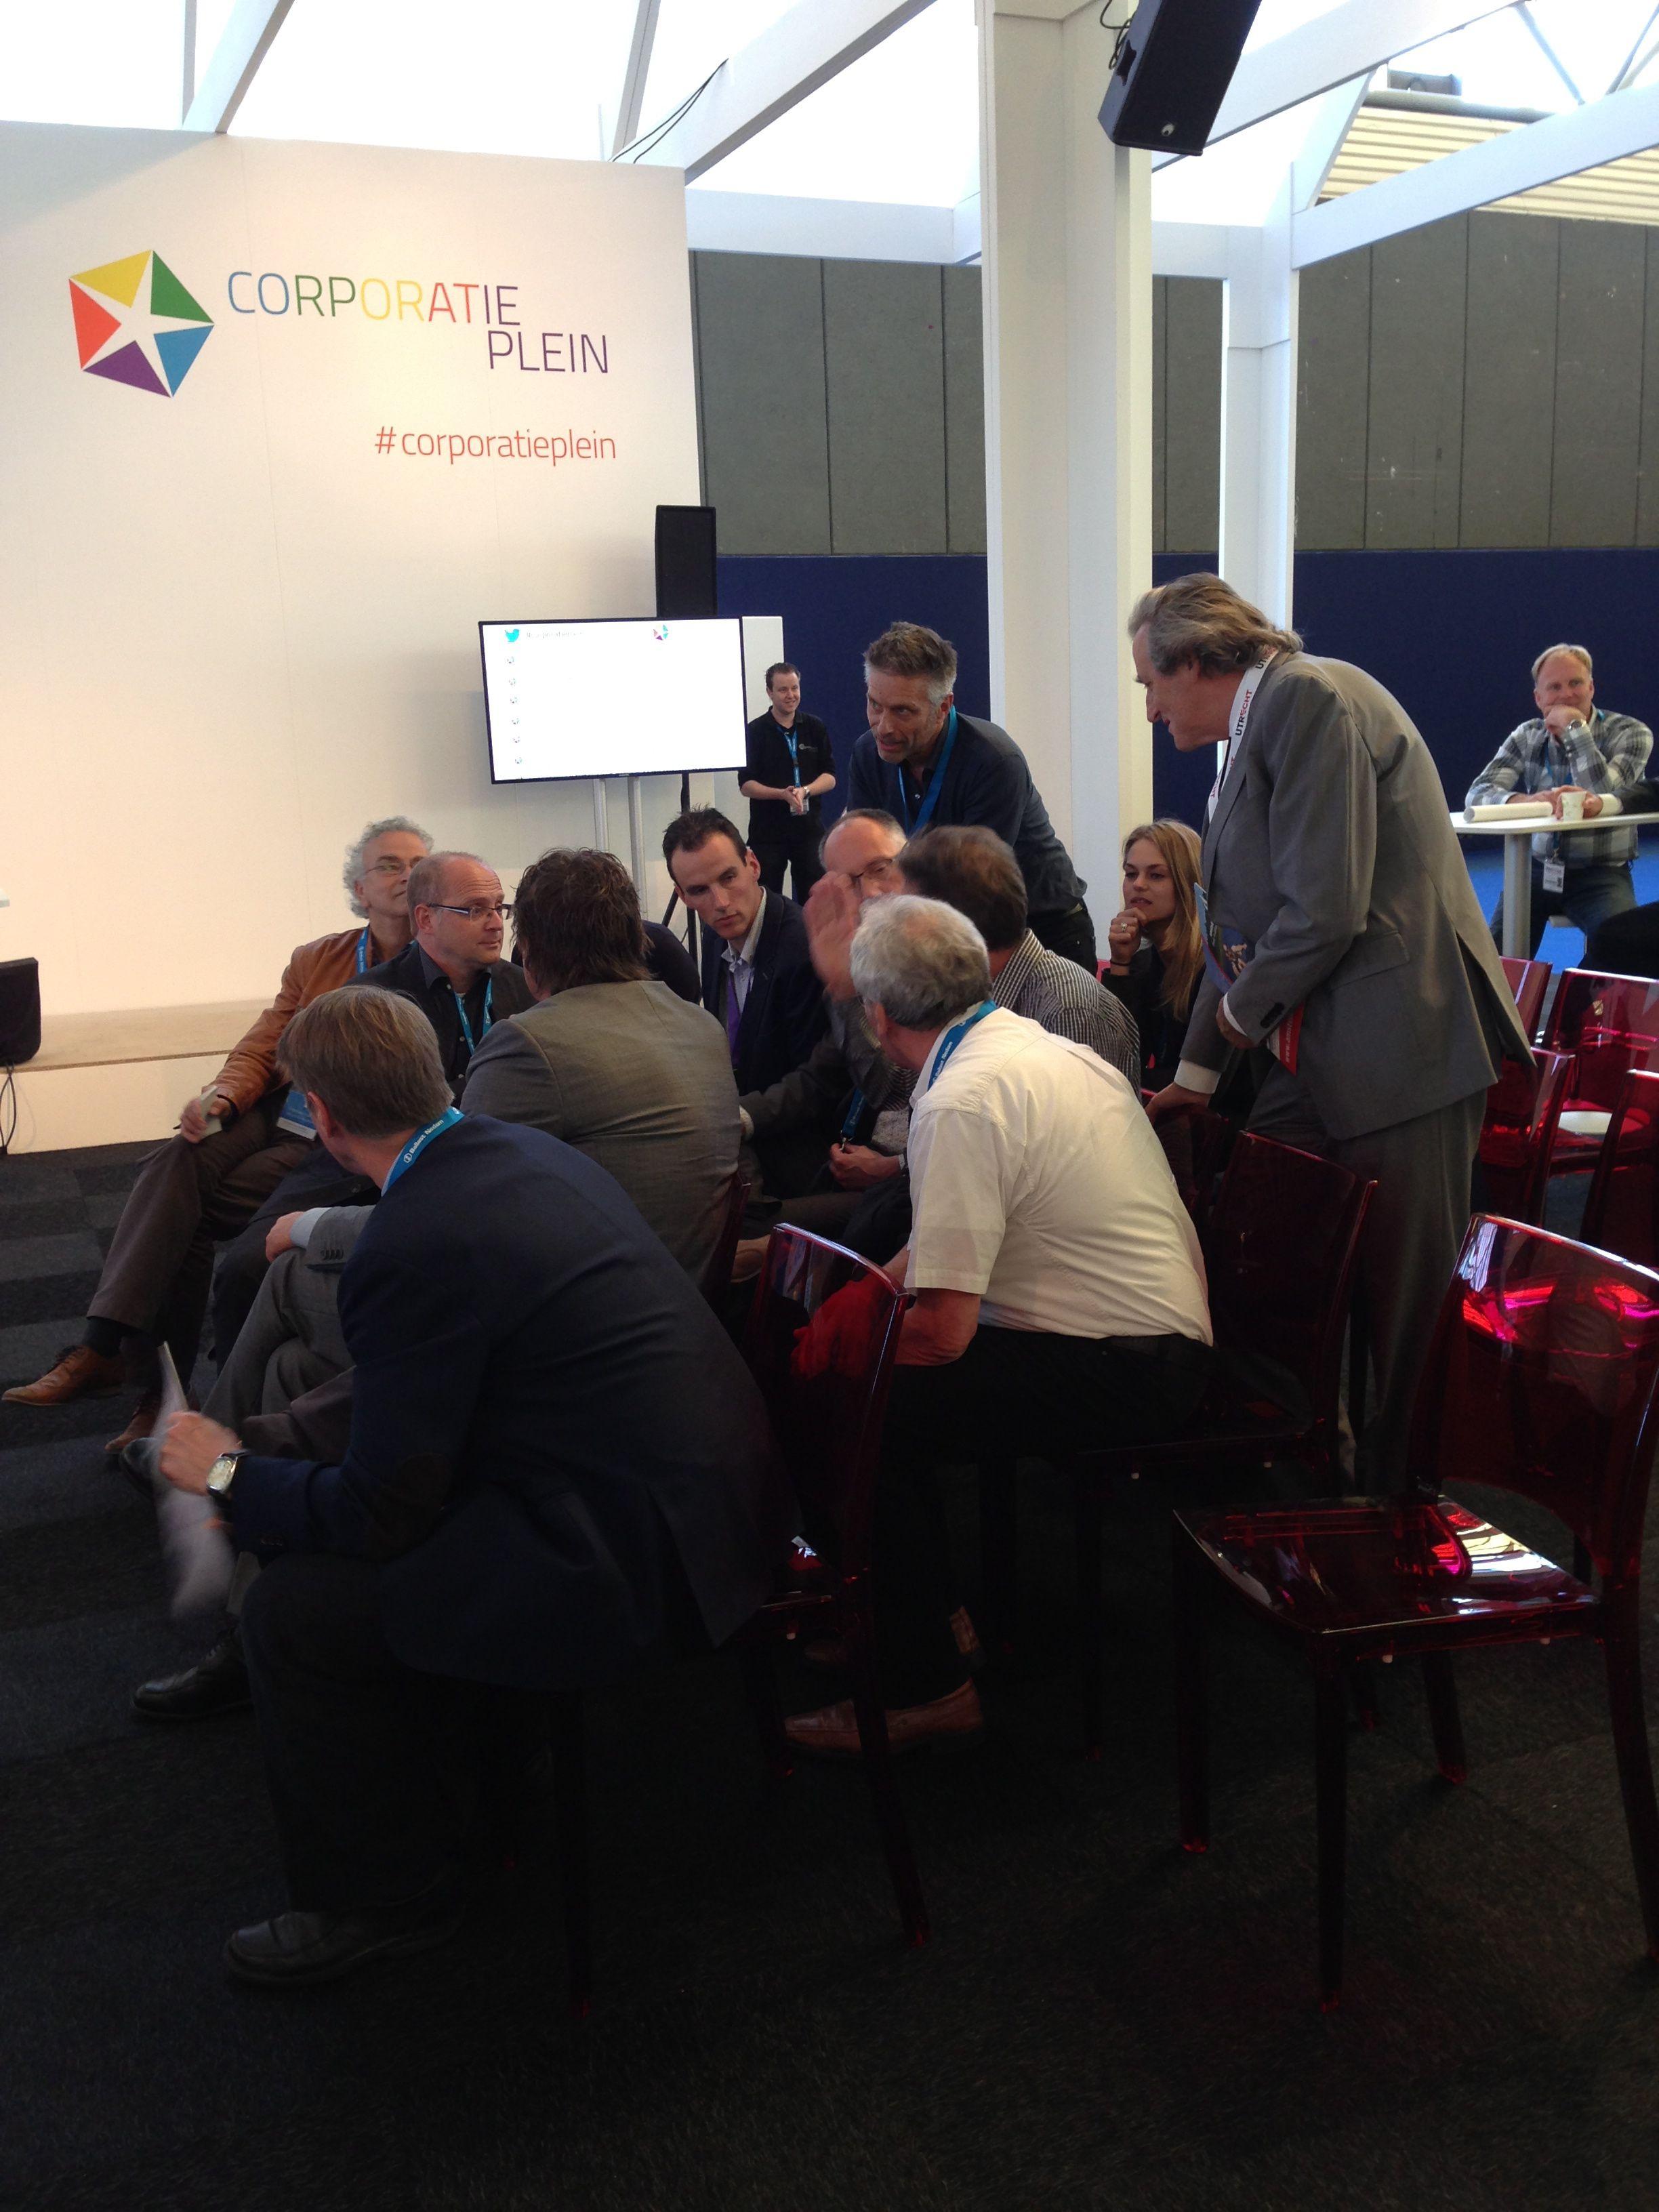 Provada 2013 - Corporatieplein met de Alliantie, Eigen Haard, Portaal, Wonen Limburg en Woonbedrijf